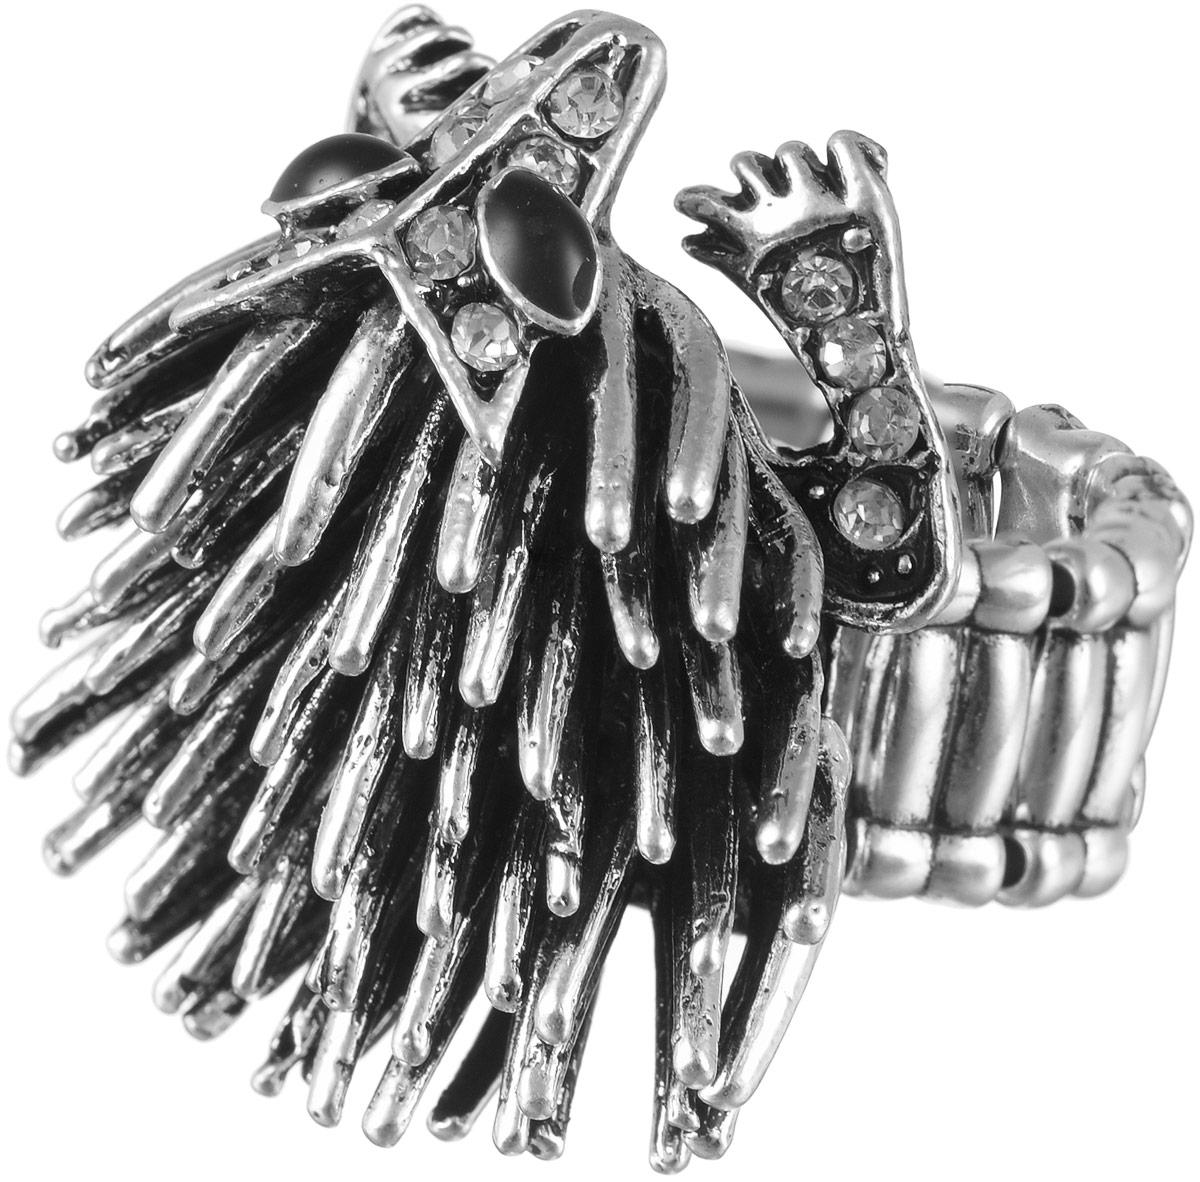 Кольцо женское Taya, цвет: серебристый. T-B-9257T-B-9257-RING-SILVERСтильное кольцо Taya выполнено из бижутерного сплава оформлено в виде дикобраза и дополнено стразами. Обхват кольца регулируется при помощи эластичной резиночки. Такое кольцо модного дизайна поможет создать уникальный и запоминающийся образ.